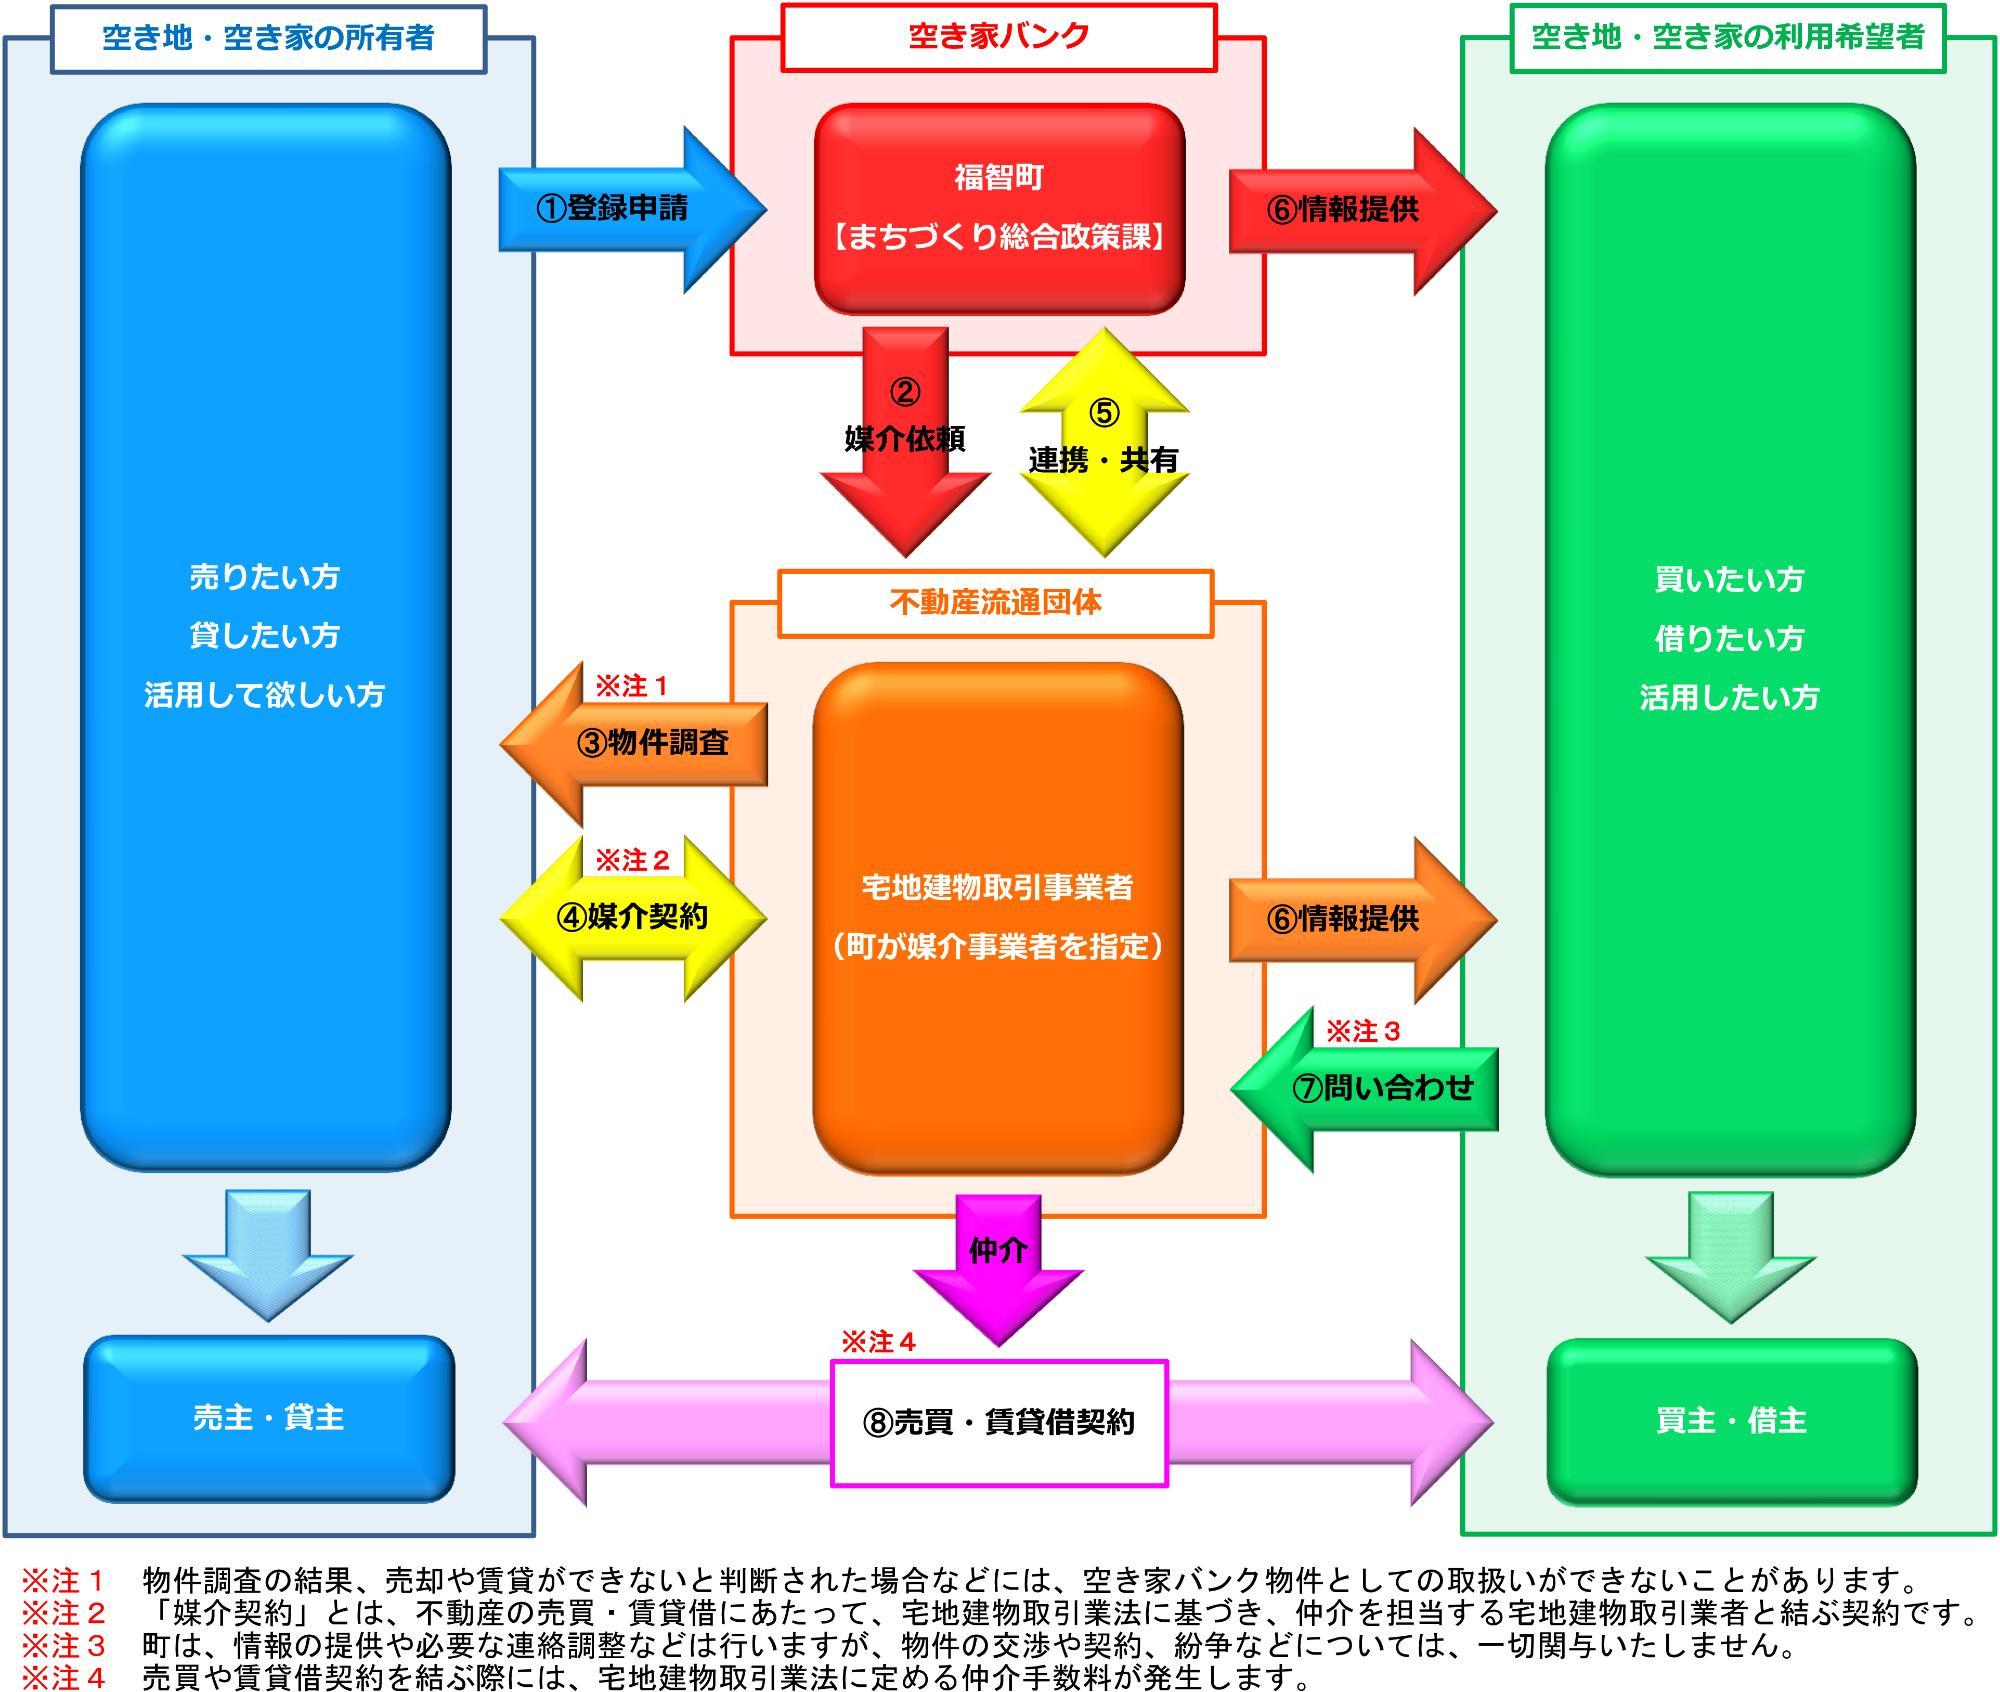 空き家バンク制度の概要図